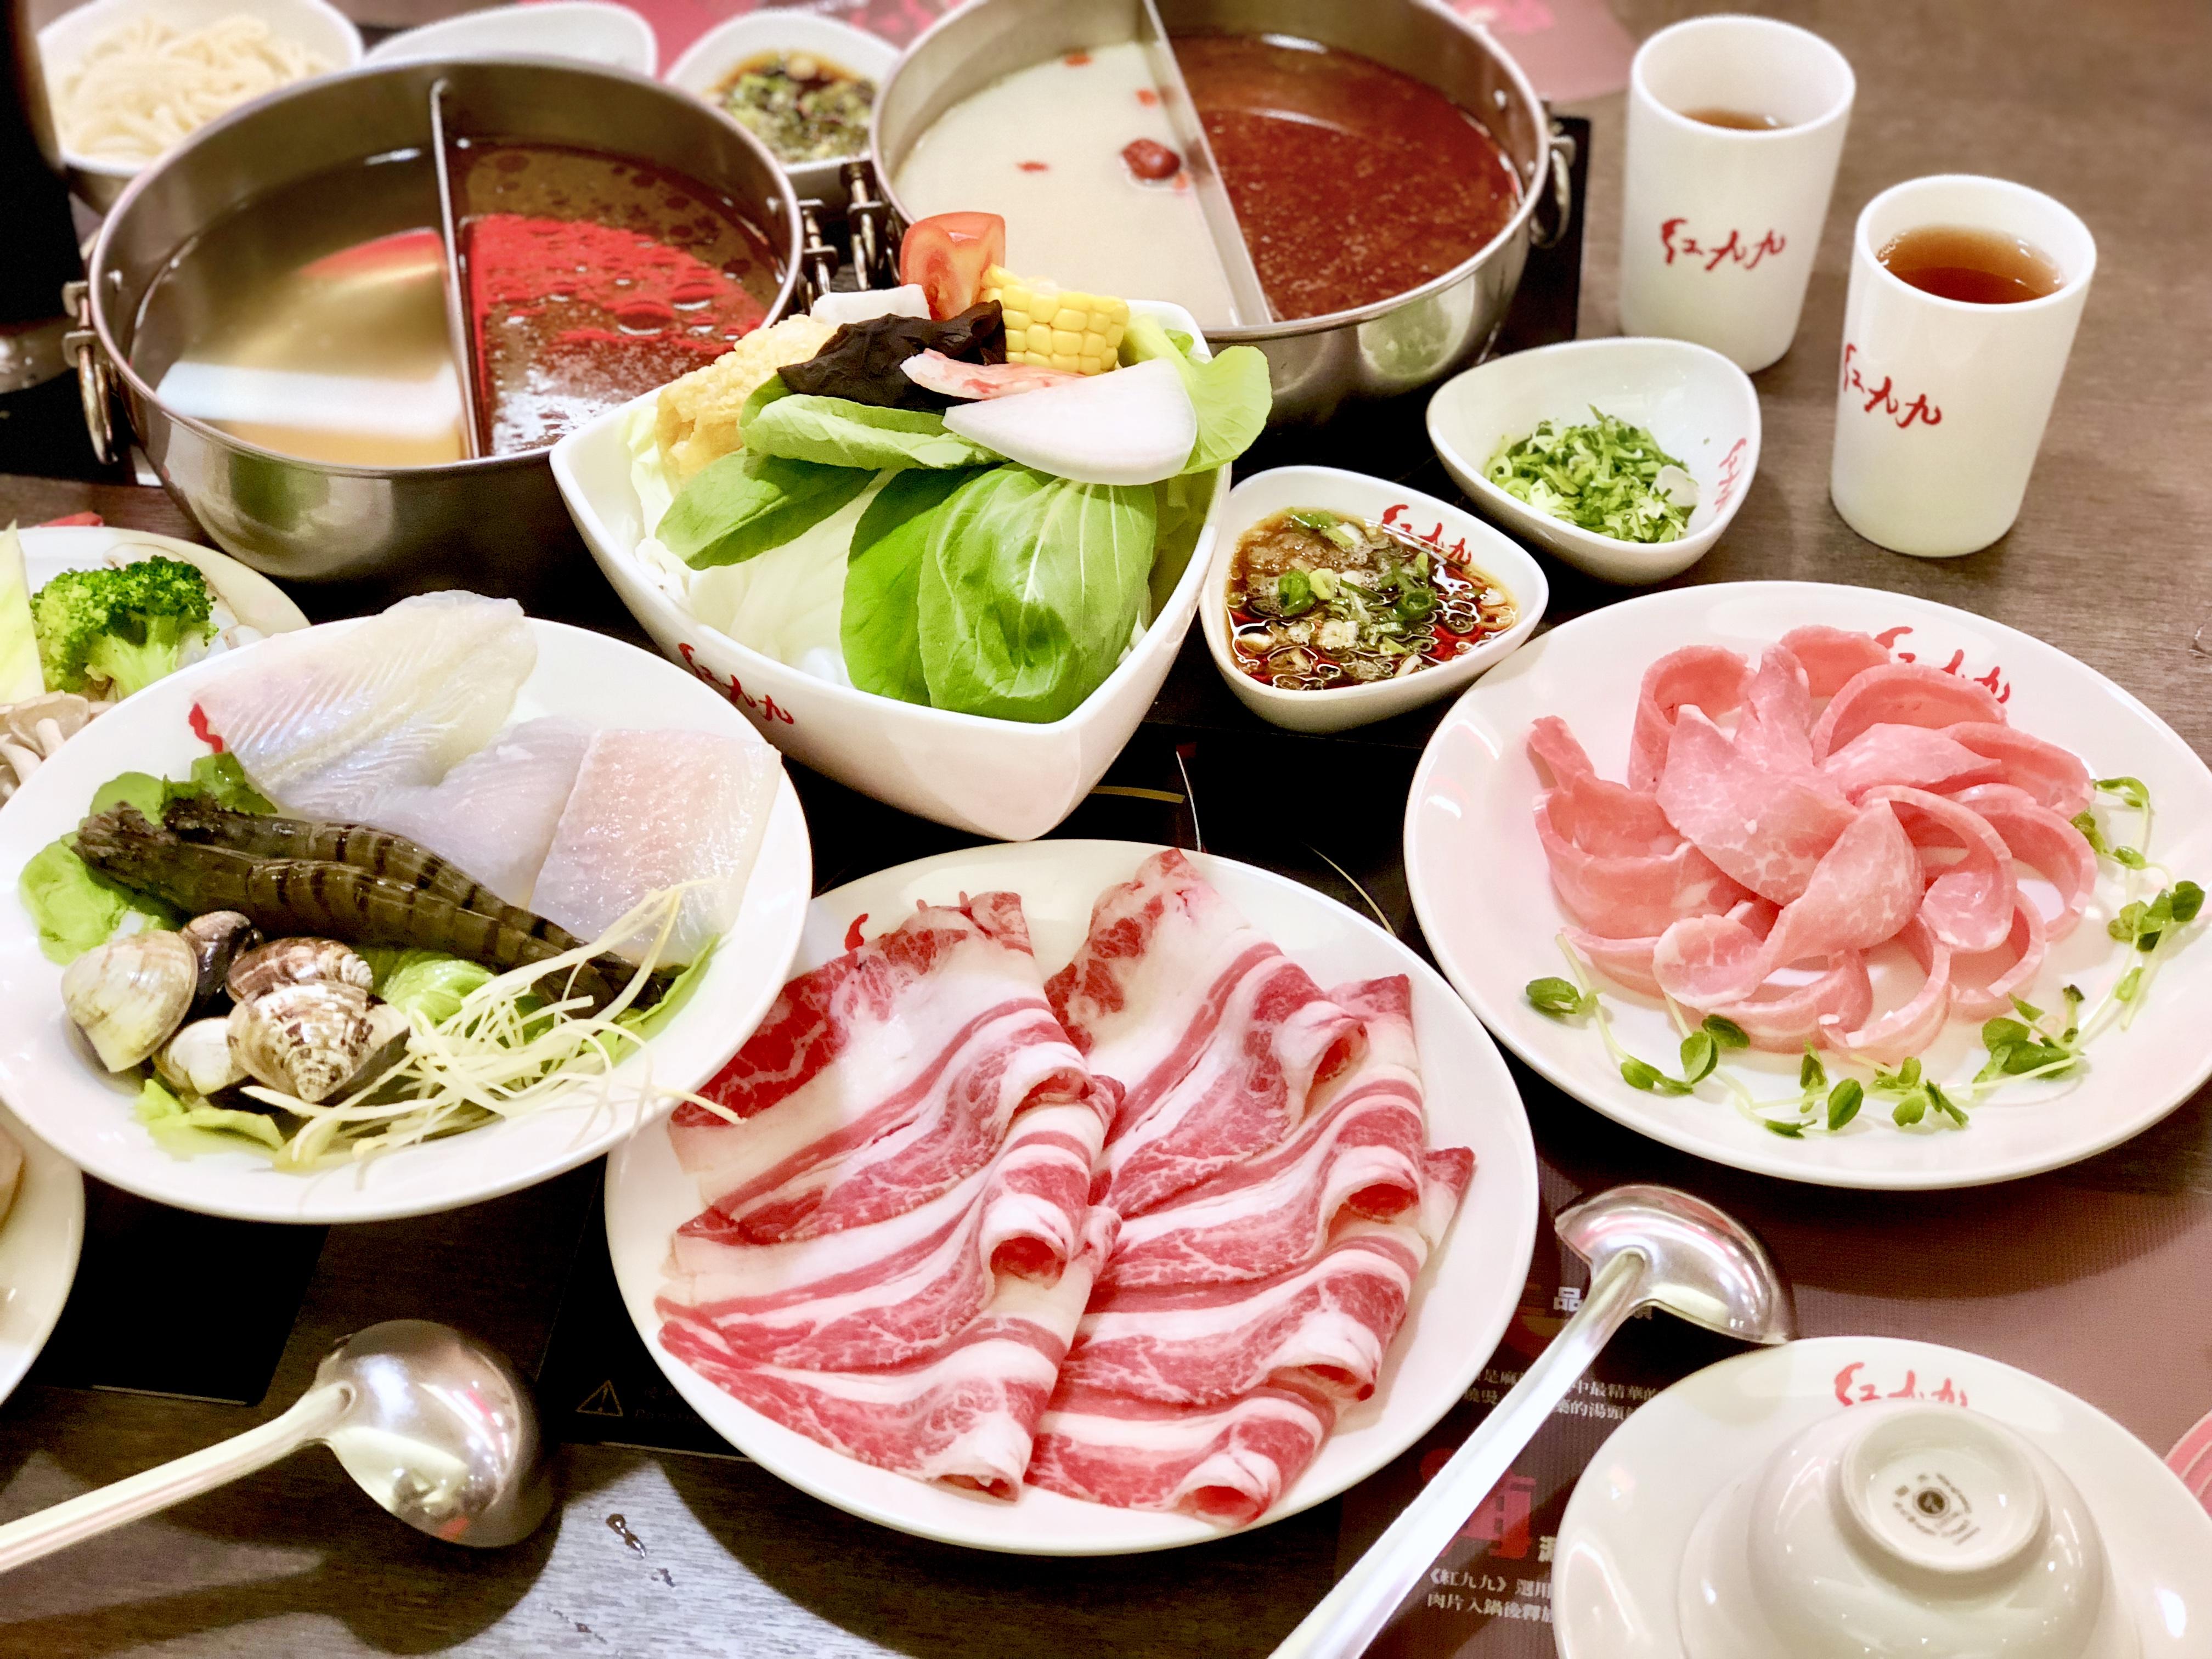 紅九九個人鴛鴦鍋~一個人就能吃的麻辣鍋超夠味 - Yahoo奇摩旅遊